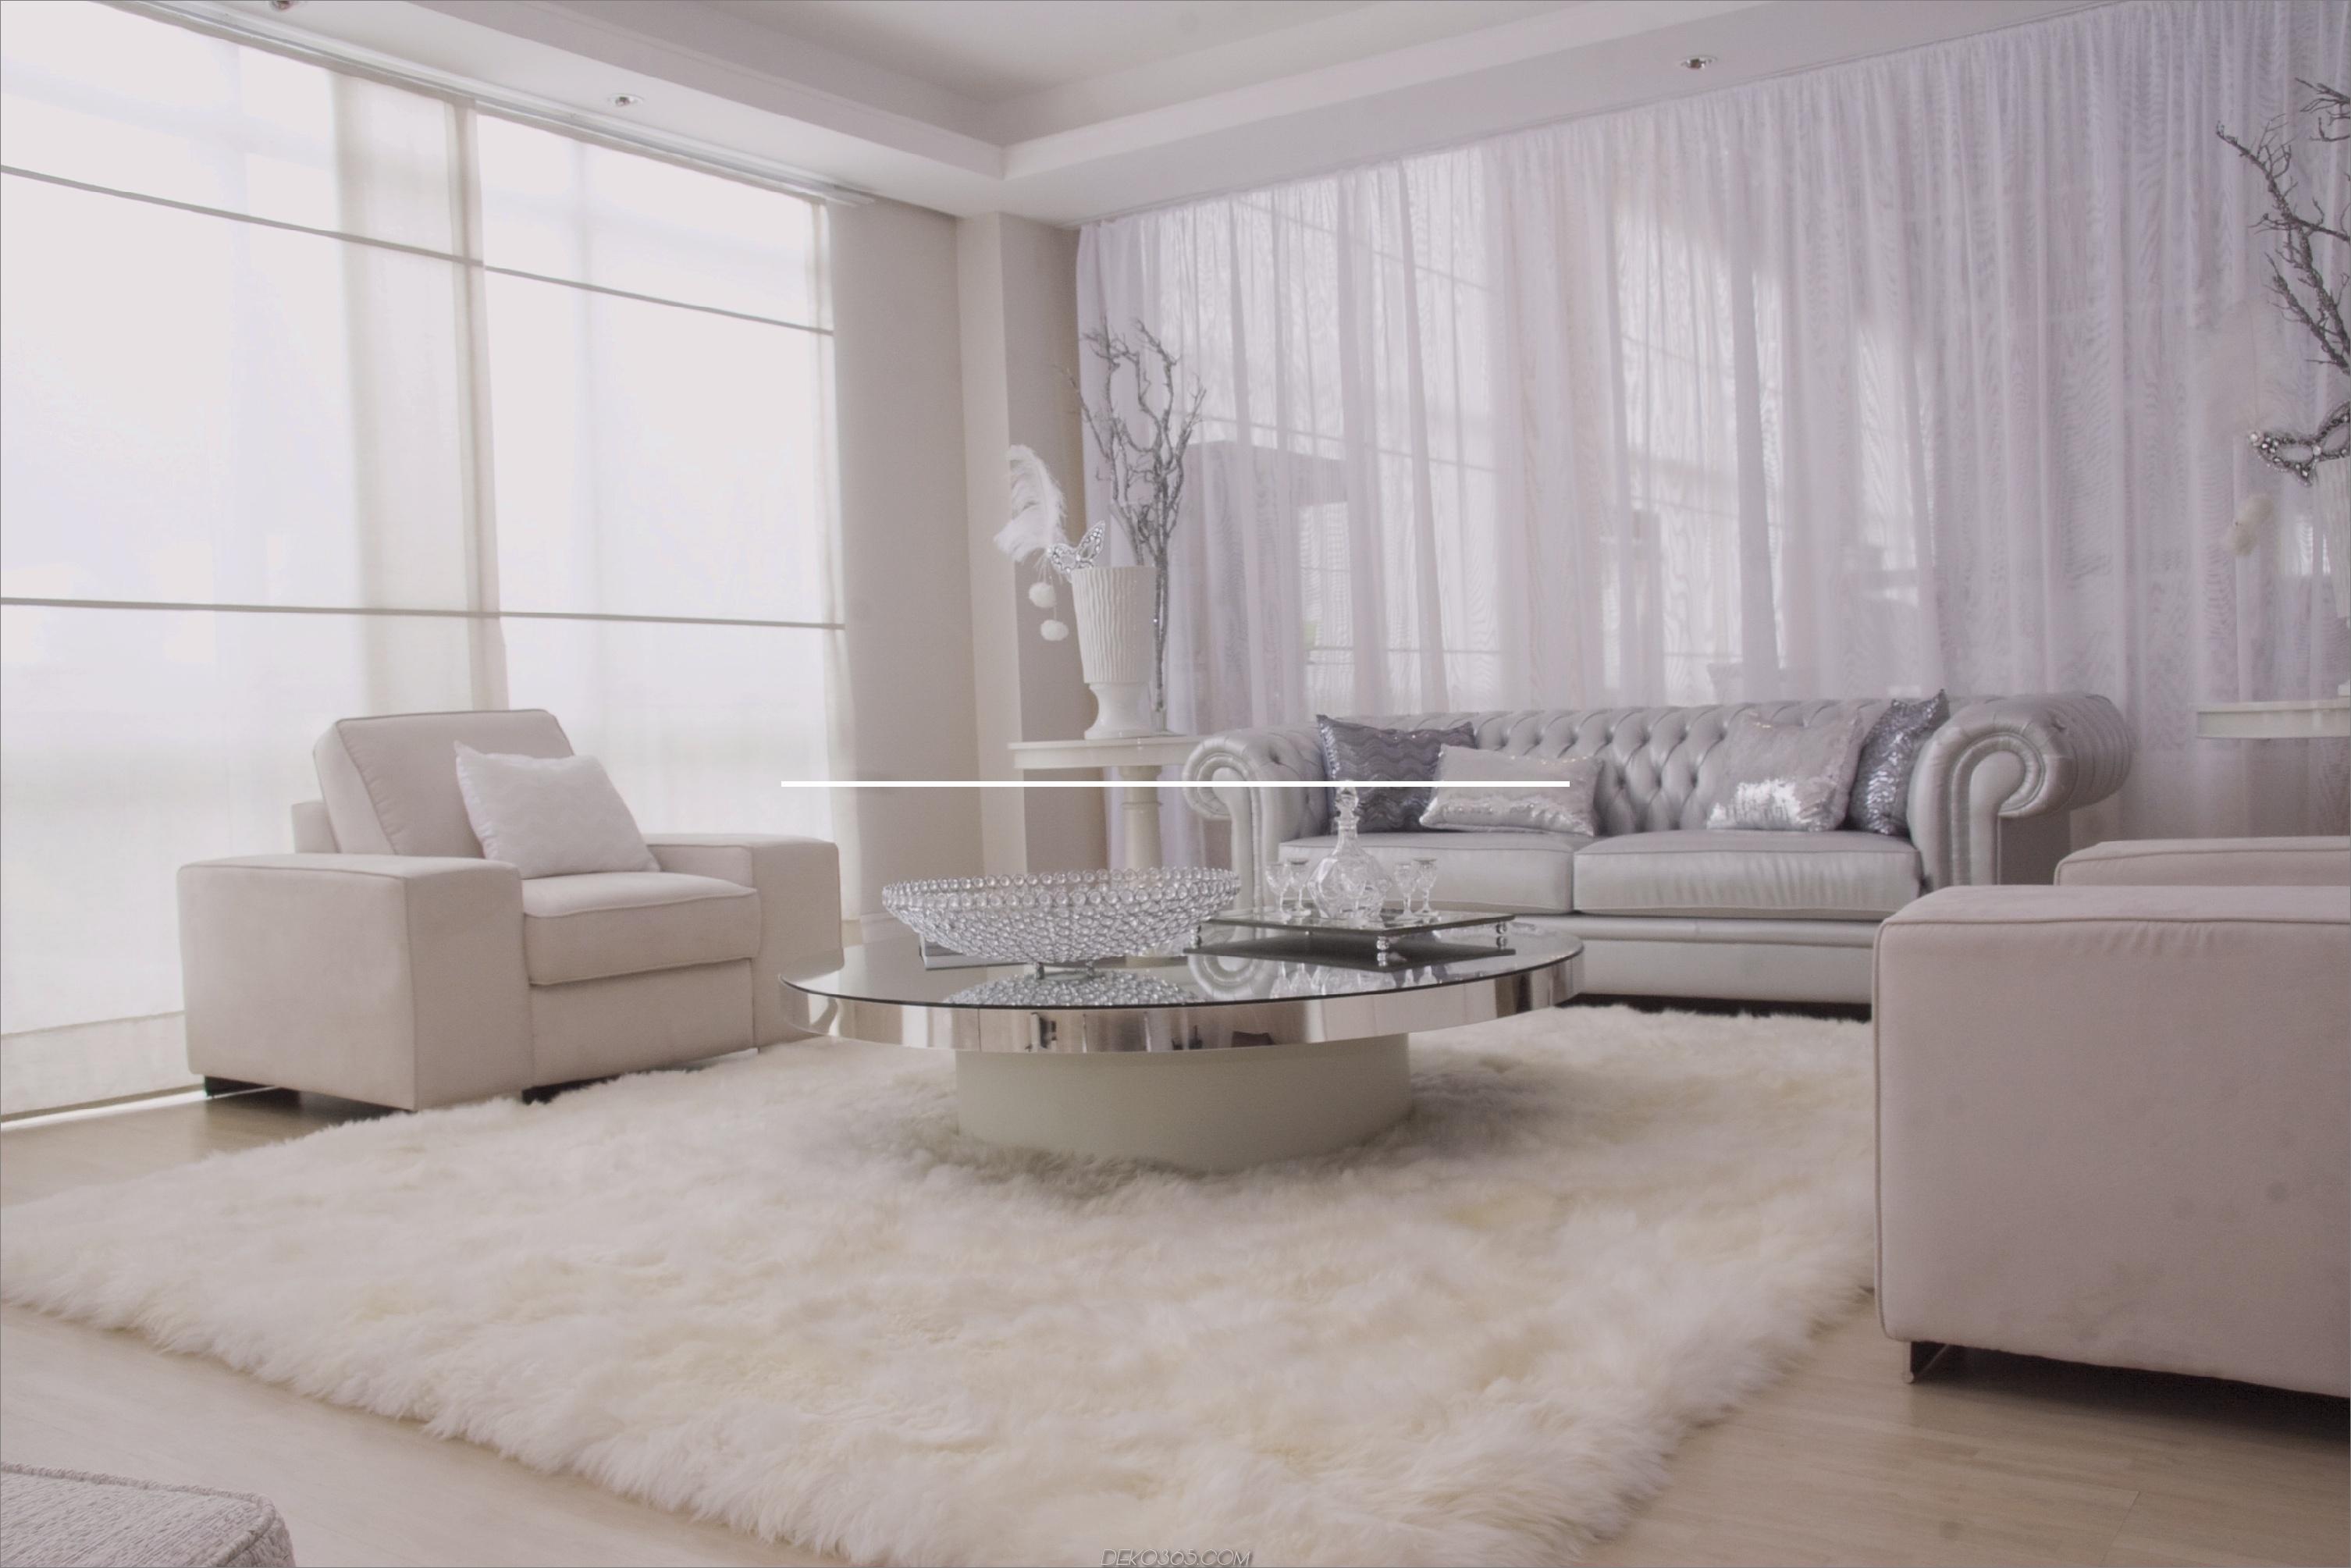 alle weißen Wohnzimmer 12 Schöne weiße Wohnzimmermöbel Ideen